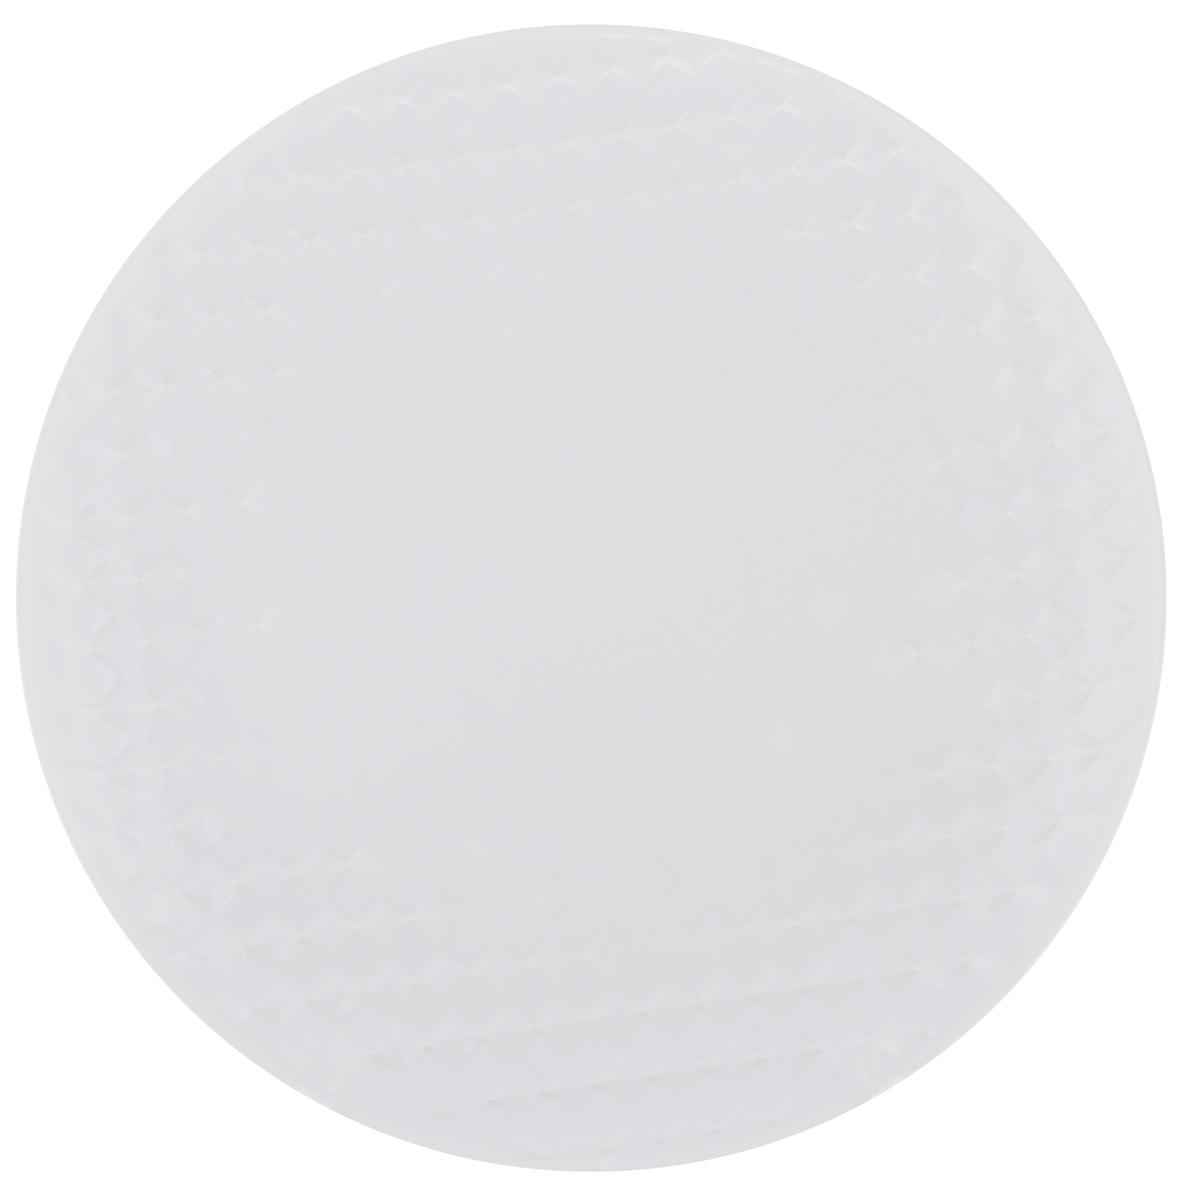 Тарелка обеденная Walmer Sapphire, диаметр 25,5 смW07430026Тарелка обеденная Walmer Sapphire изготовлена из фарфора белого цвета. Предназначена для красивой подачи различных блюд. Изделие декорировано необычным рельефом. Такая тарелка украсит сервировку стола и подчеркнет прекрасный вкус хозяйки. Не применять абразивные чистящие средства. Диаметр: 25,5 см. Высота: 2,5 см.